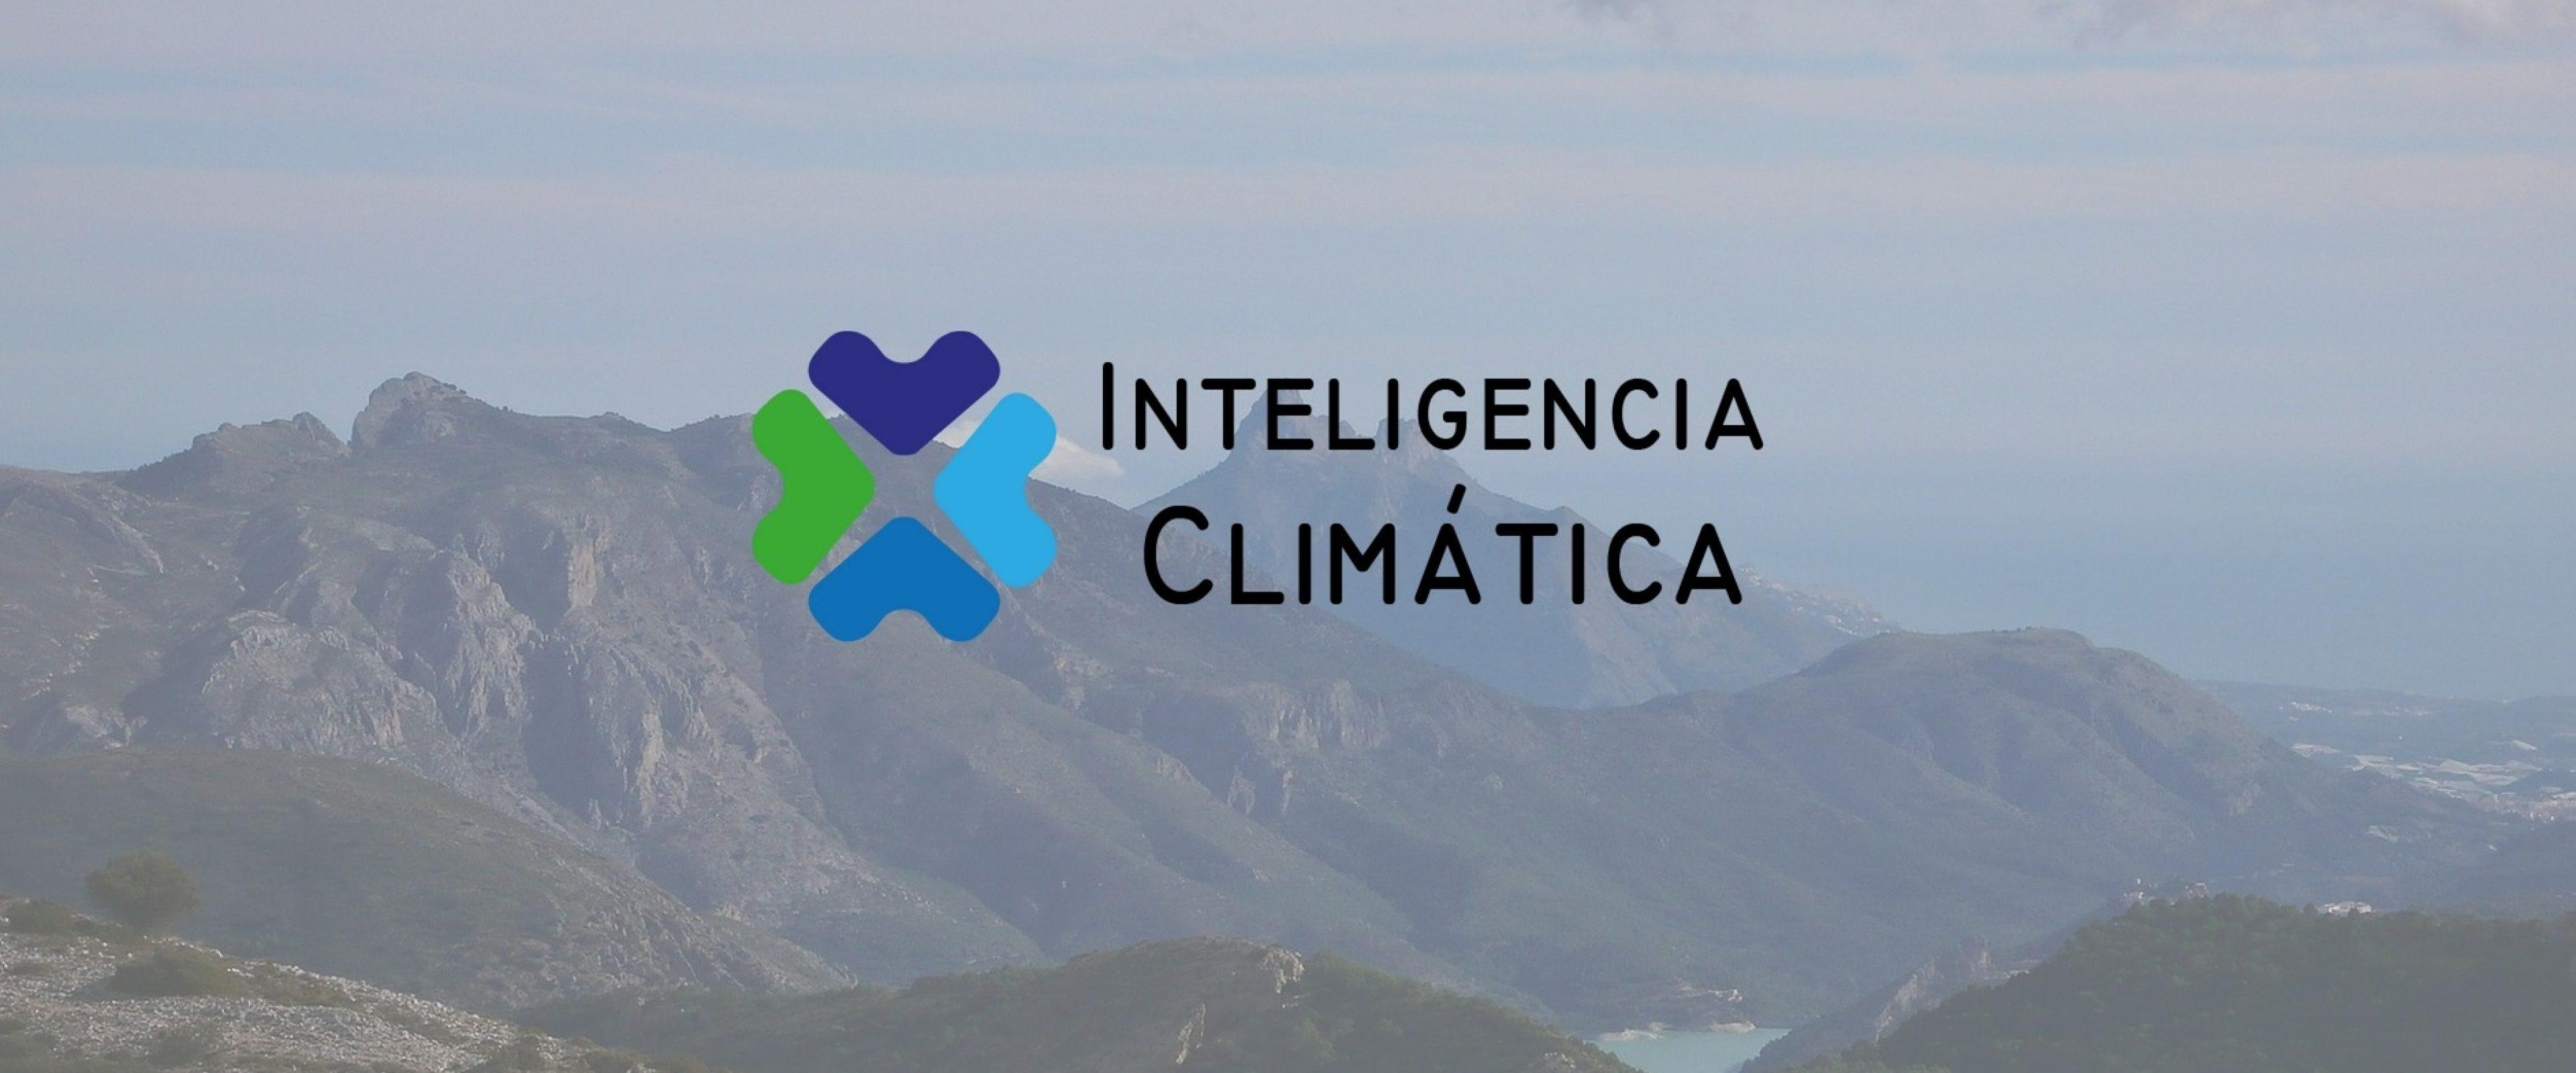 Inteligencia Climática